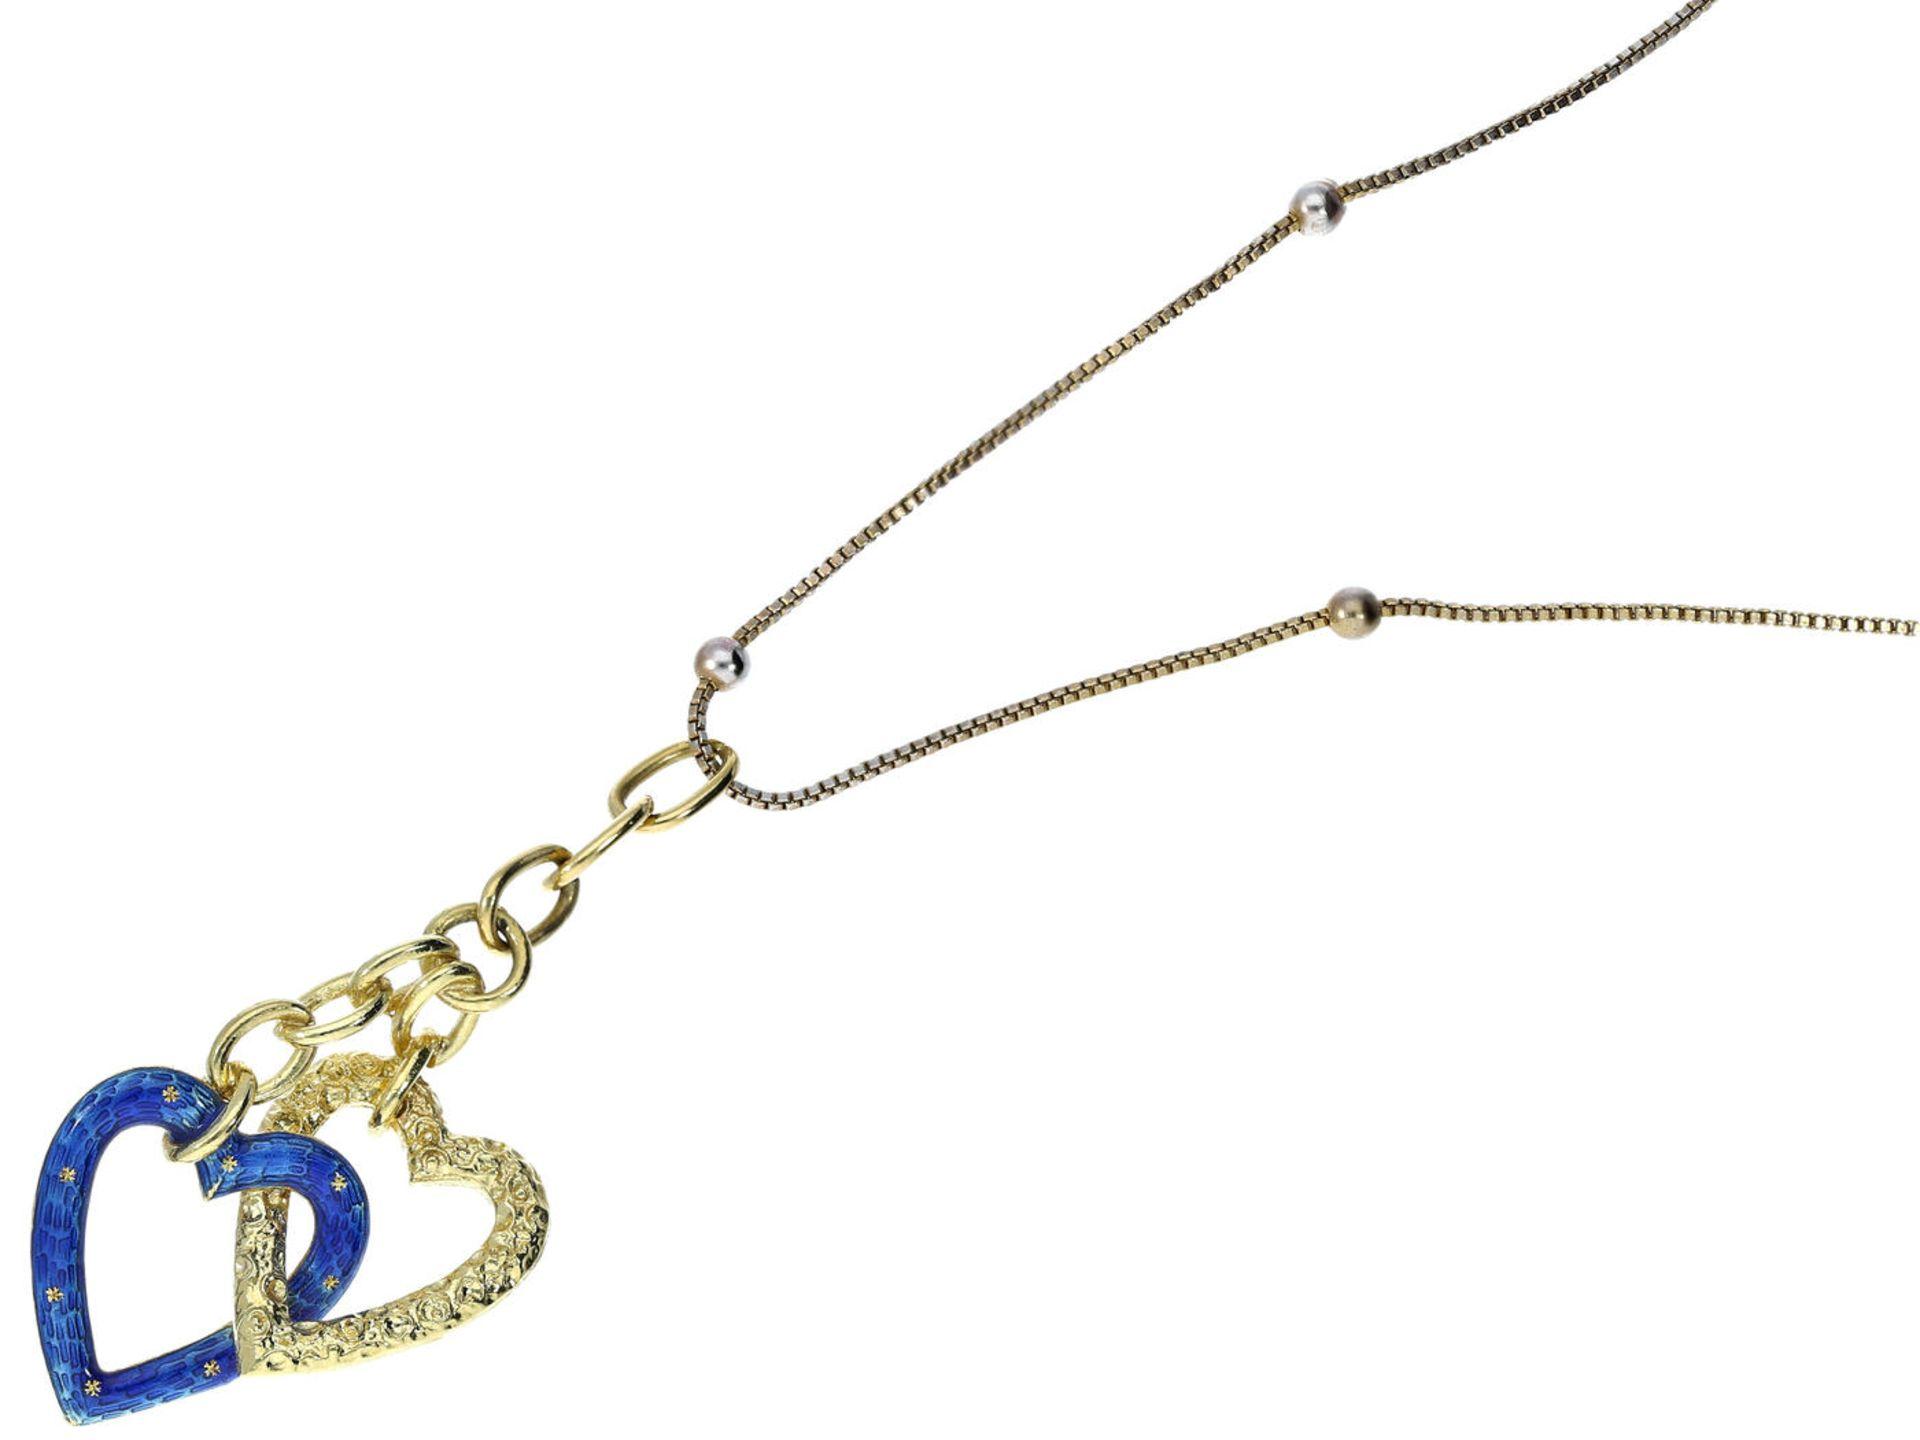 Anhänger: außergewöhnlicher und sehr schöner vintage Herzanhänger Gold/Emaille Ca. 50mm lang, ca.